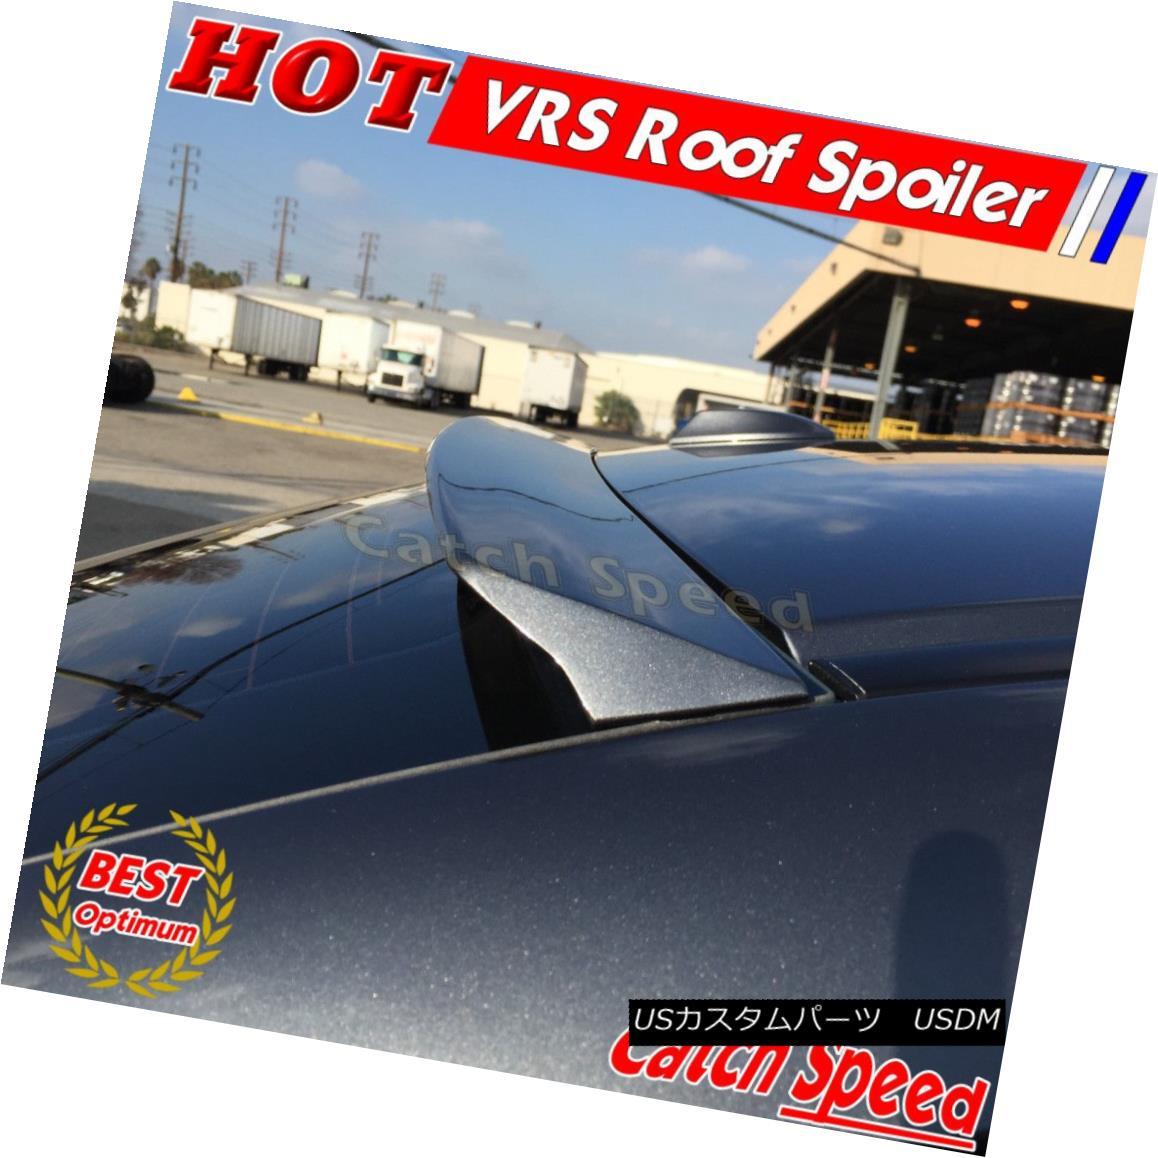 エアロパーツ Painted VRS Type Rear Window Roof Spoiler Wing For Audi A3 8V Sedan 2014~2016 ? 塗装済みVRSタイプAudi A3 8V Sedan 2014?2016のリアウインドルーフスポイラーウイング?